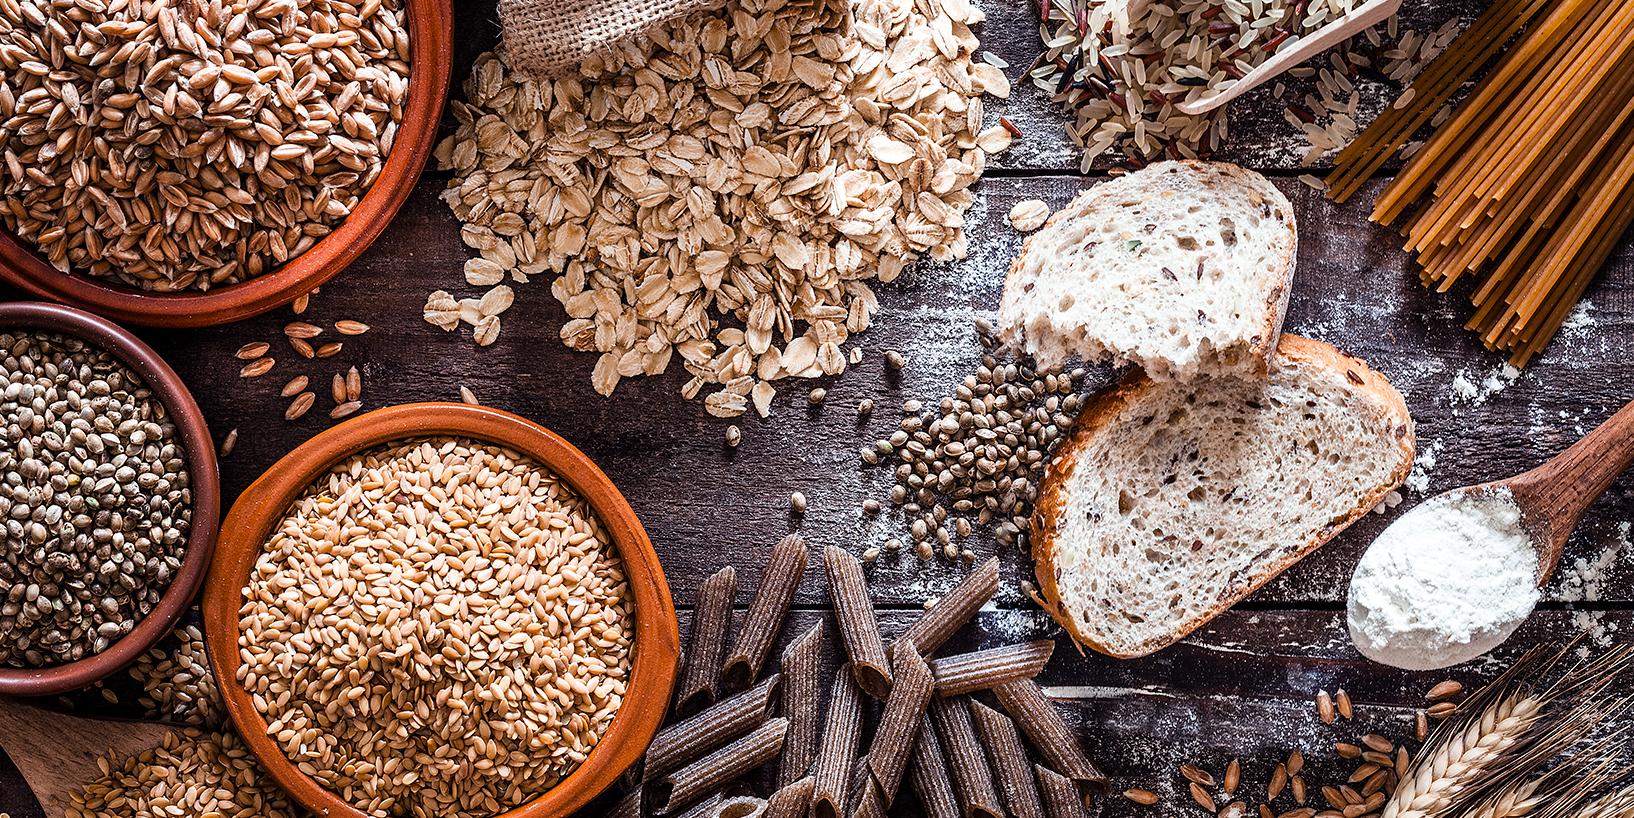 Carbs, bread, pasta, oats, etc.